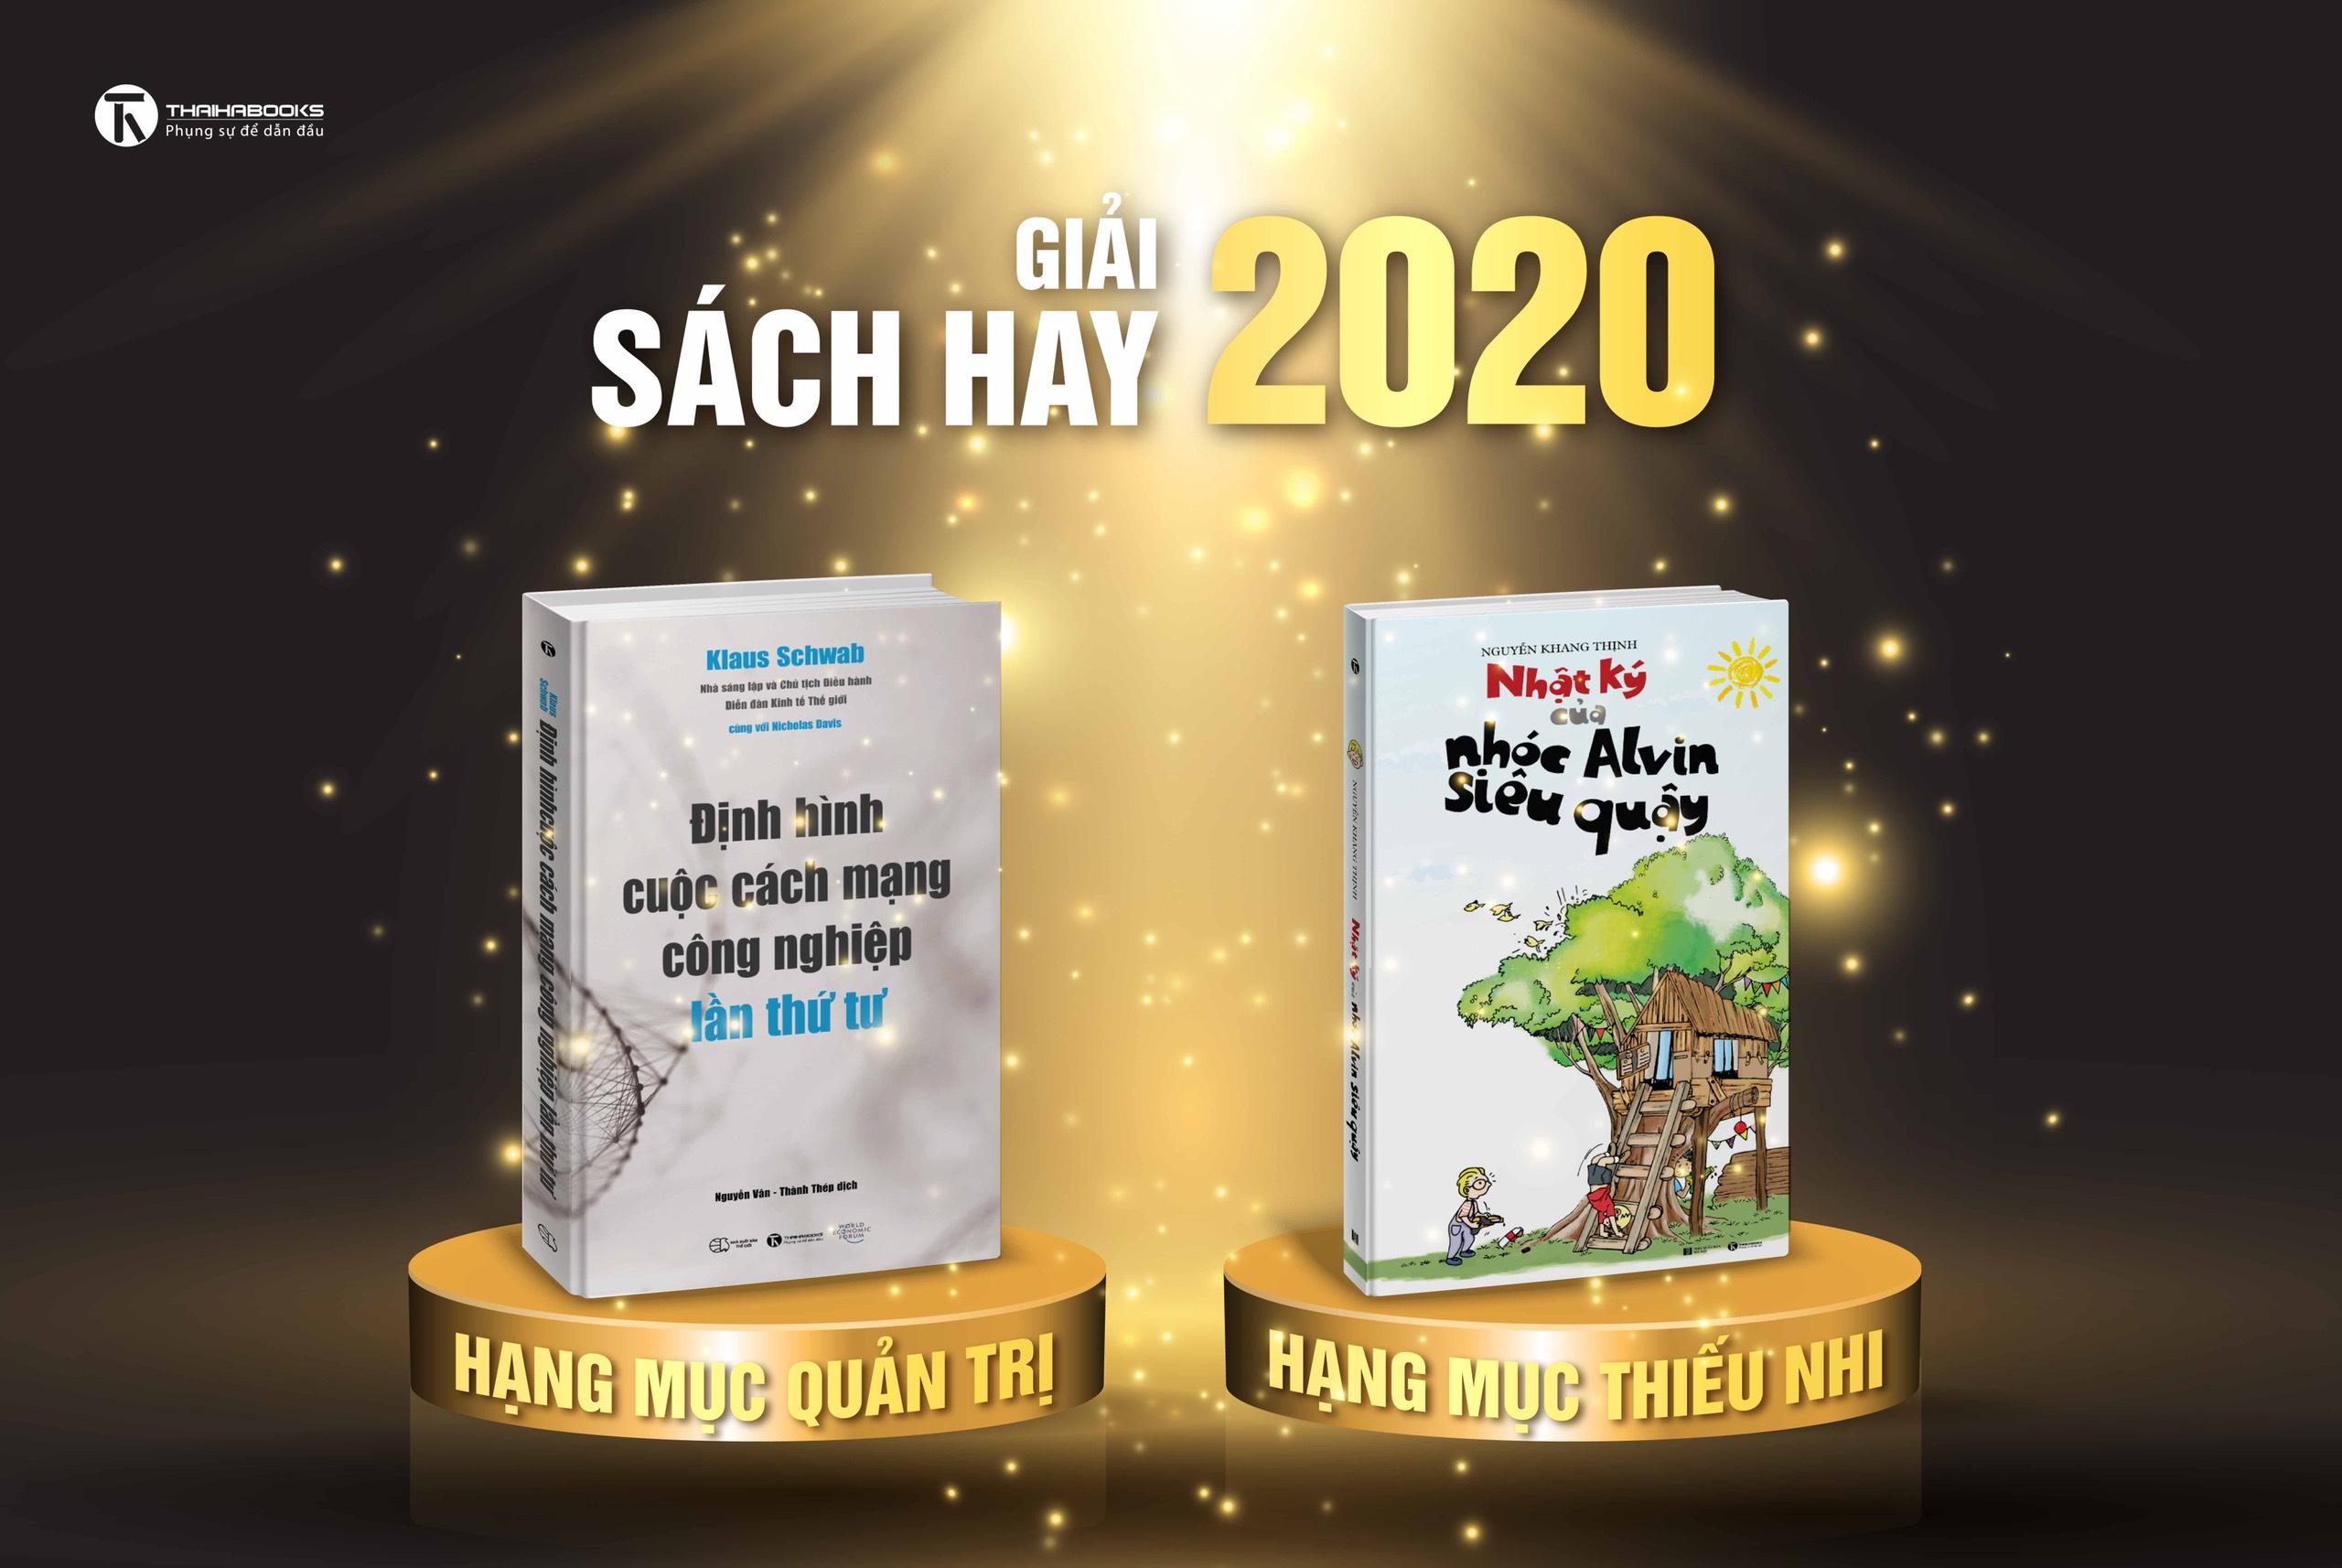 Giải Sách Hay 2020 – ThaiHaBooks nhận 2 giải thưởng hạng mục sách Quản trị và sách Thiếu nhi